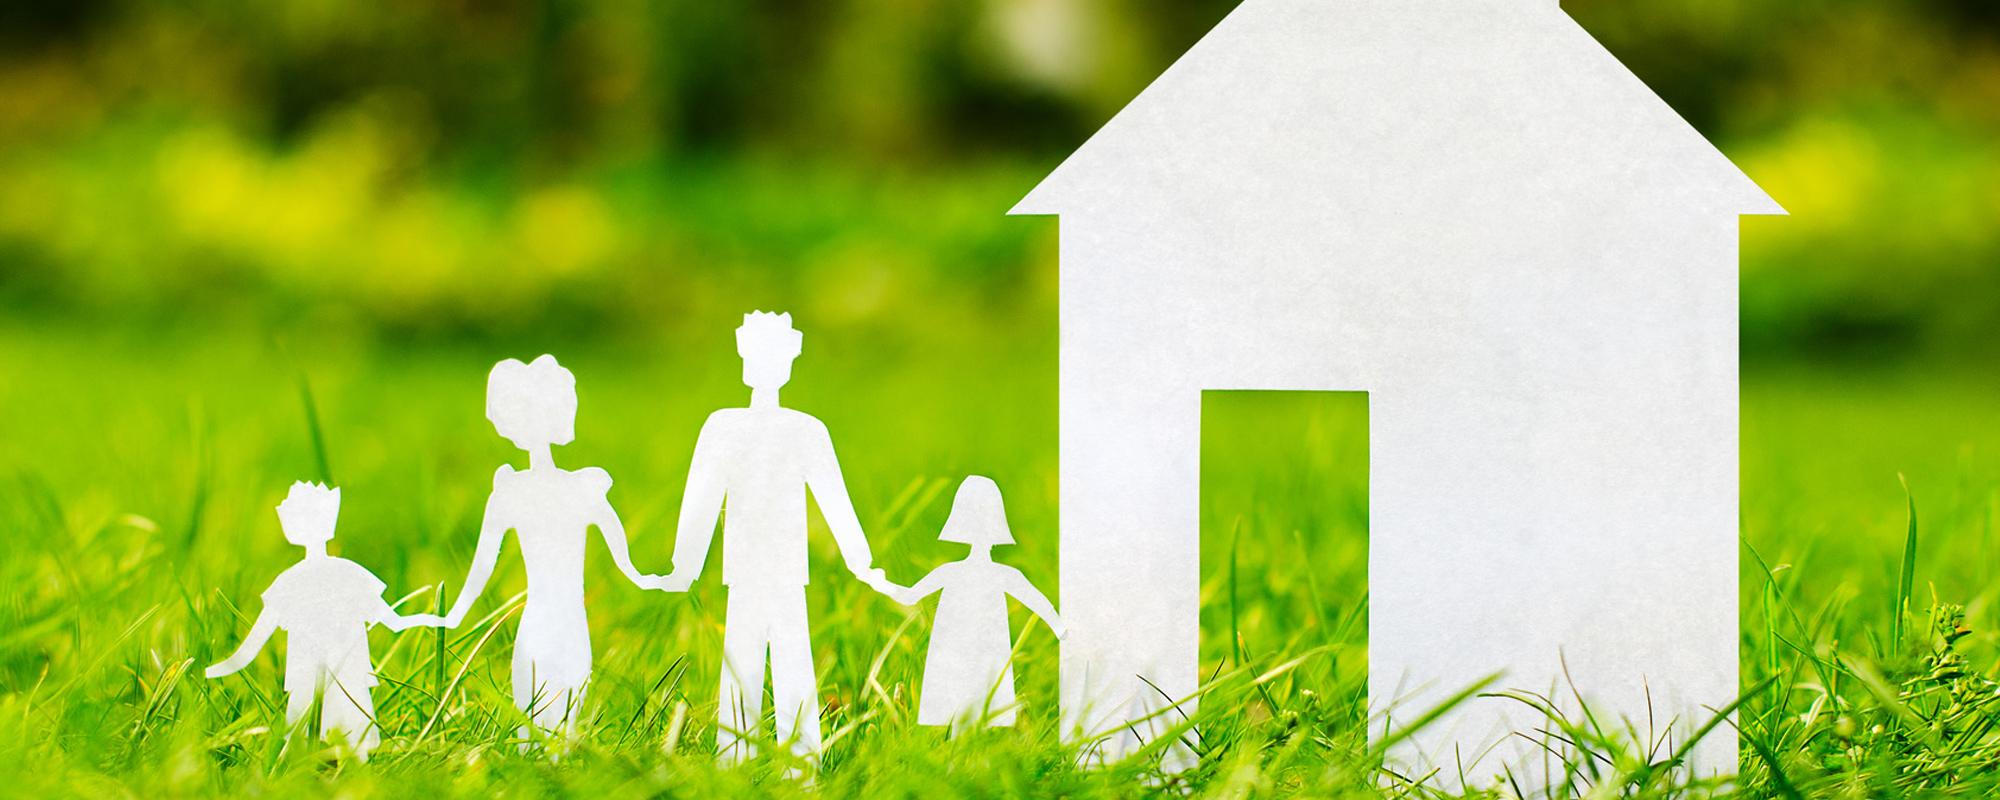 Für unsere Privatkunden behalten wir den Überblick und finden heraus welche Versicherung zu den persönlichen Bedürfnissen passt.  fullsize